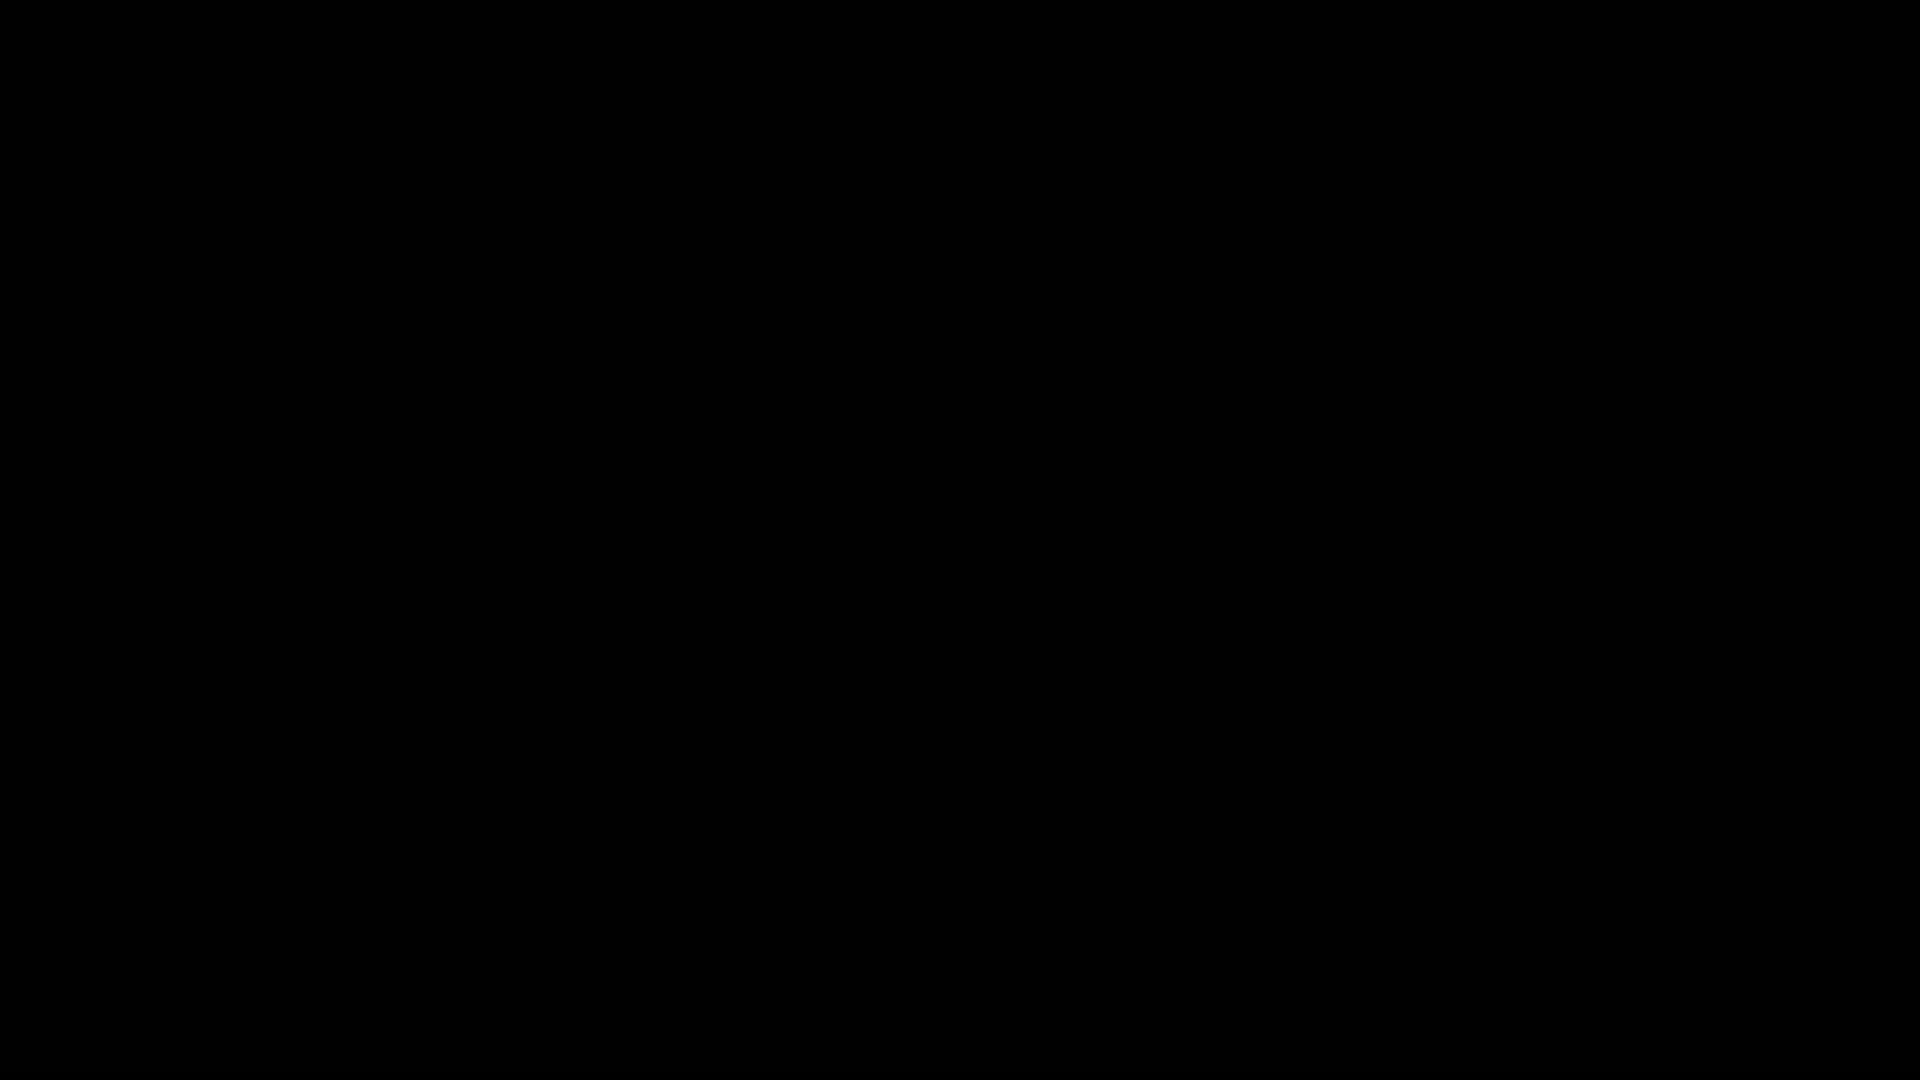 流れで中出しされまくる素人  前編 - 湯川あゆみ【正常位 イラマチオ 騎乗位 側位 中出し】